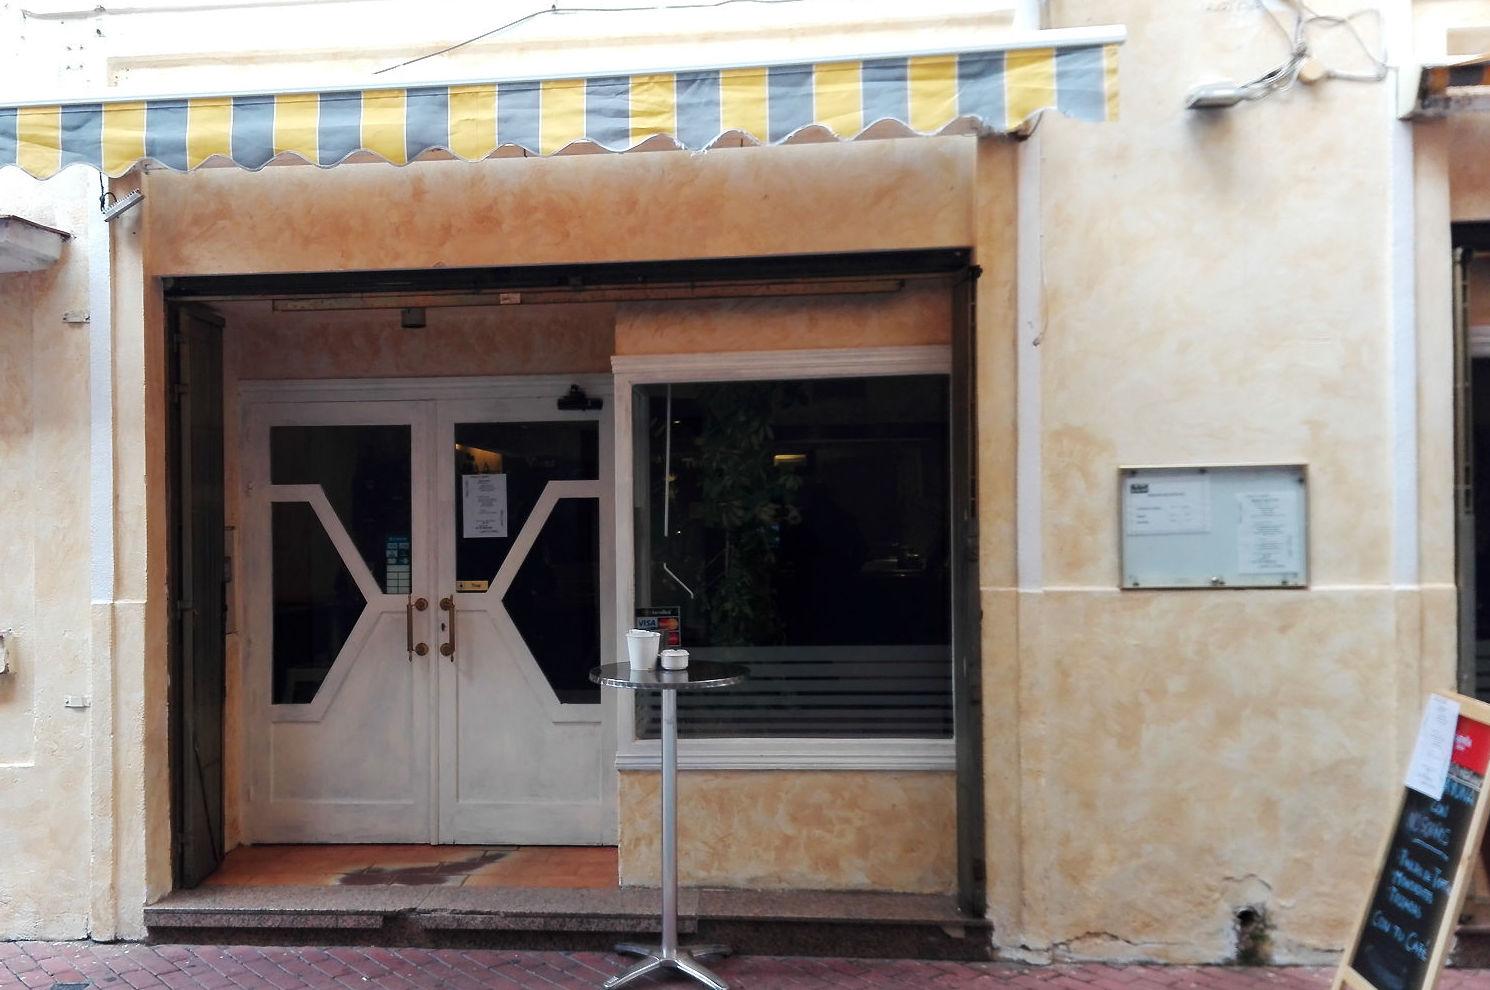 Restaurante El Tío Mariano, en el centro de León